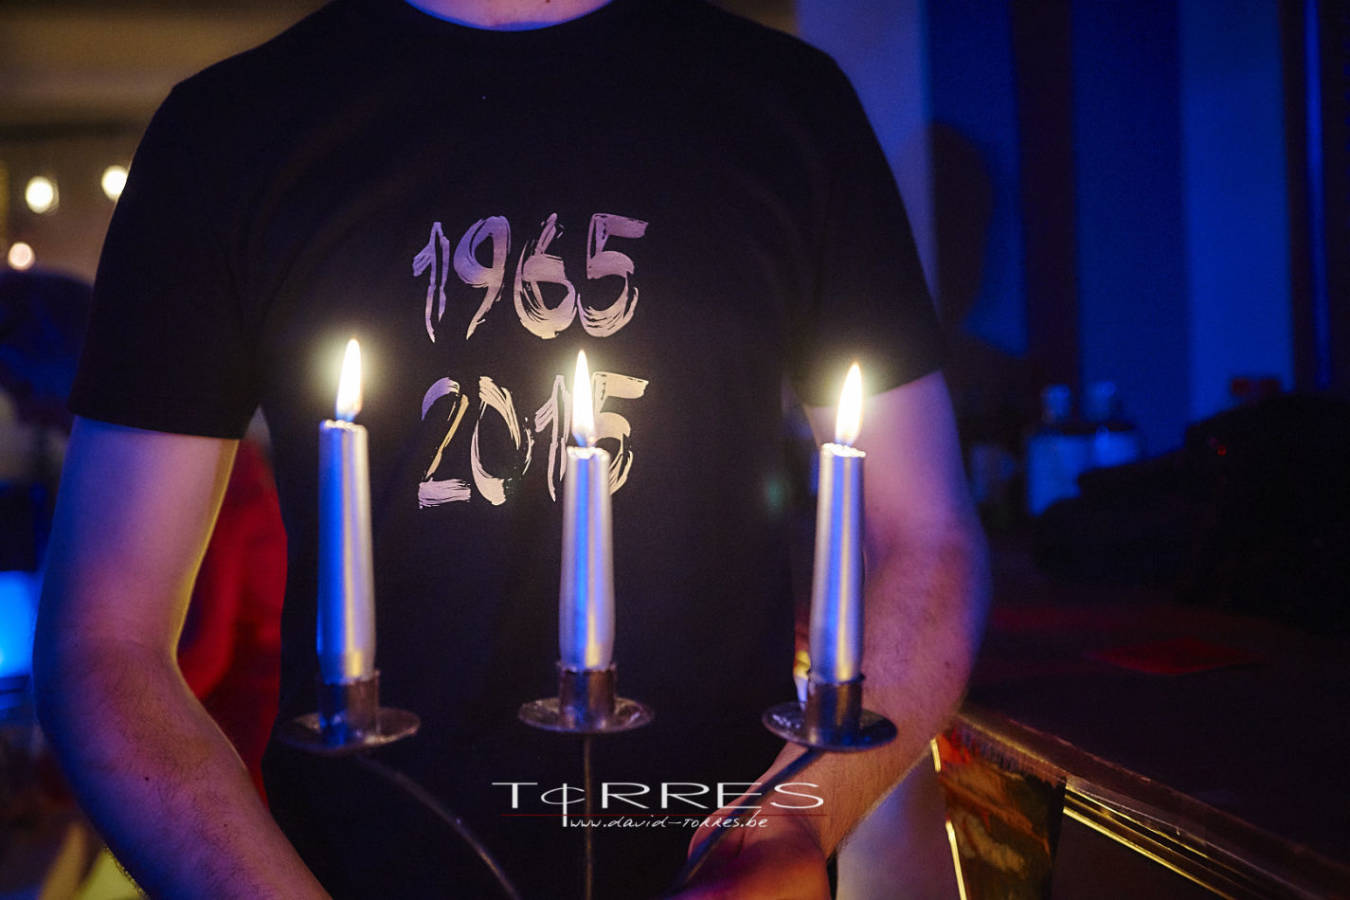 Marleen-evenement 91